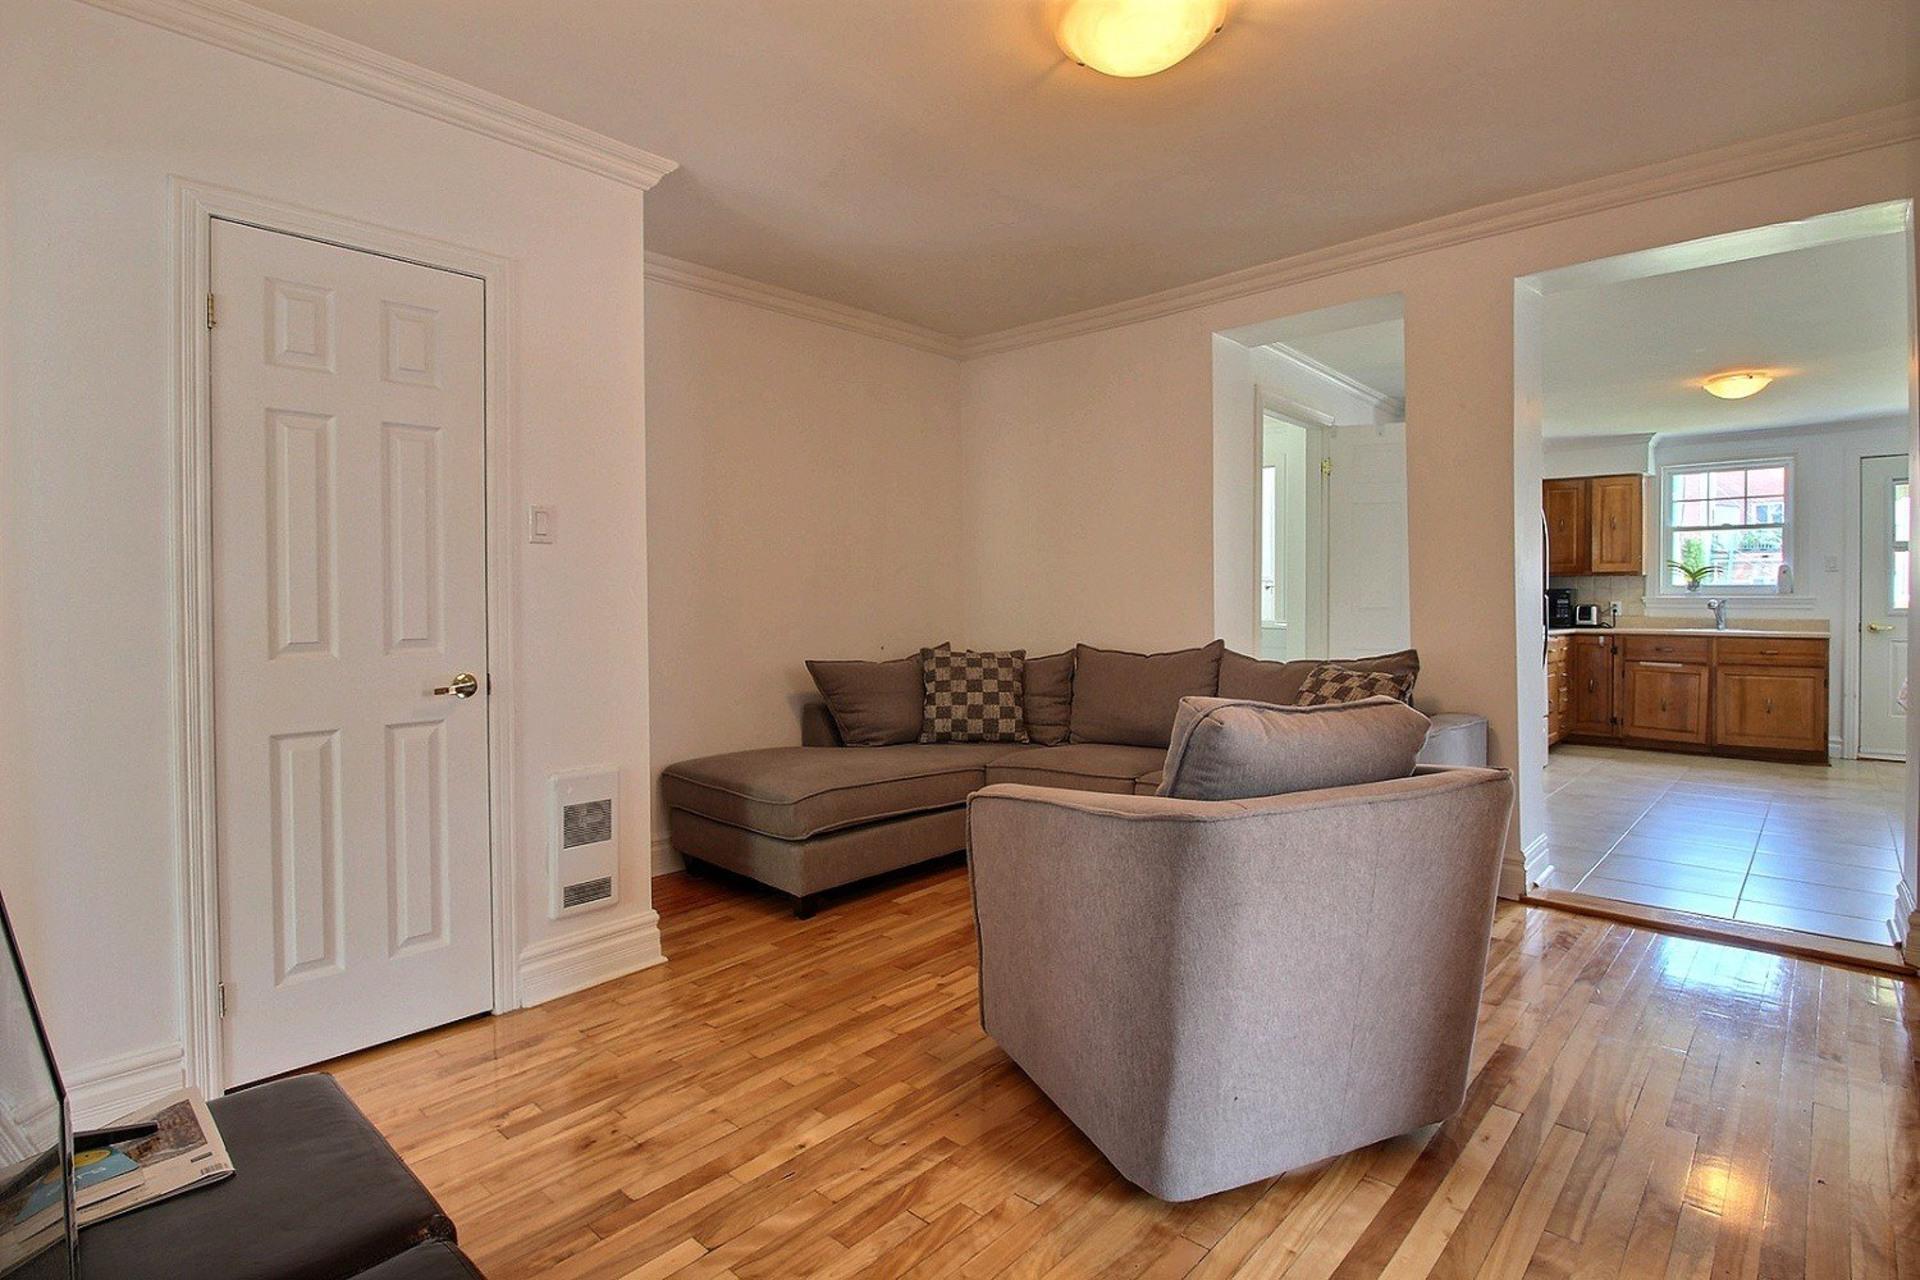 image 3 - Duplex For sale Mercier/Hochelaga-Maisonneuve Montréal  - 5 rooms